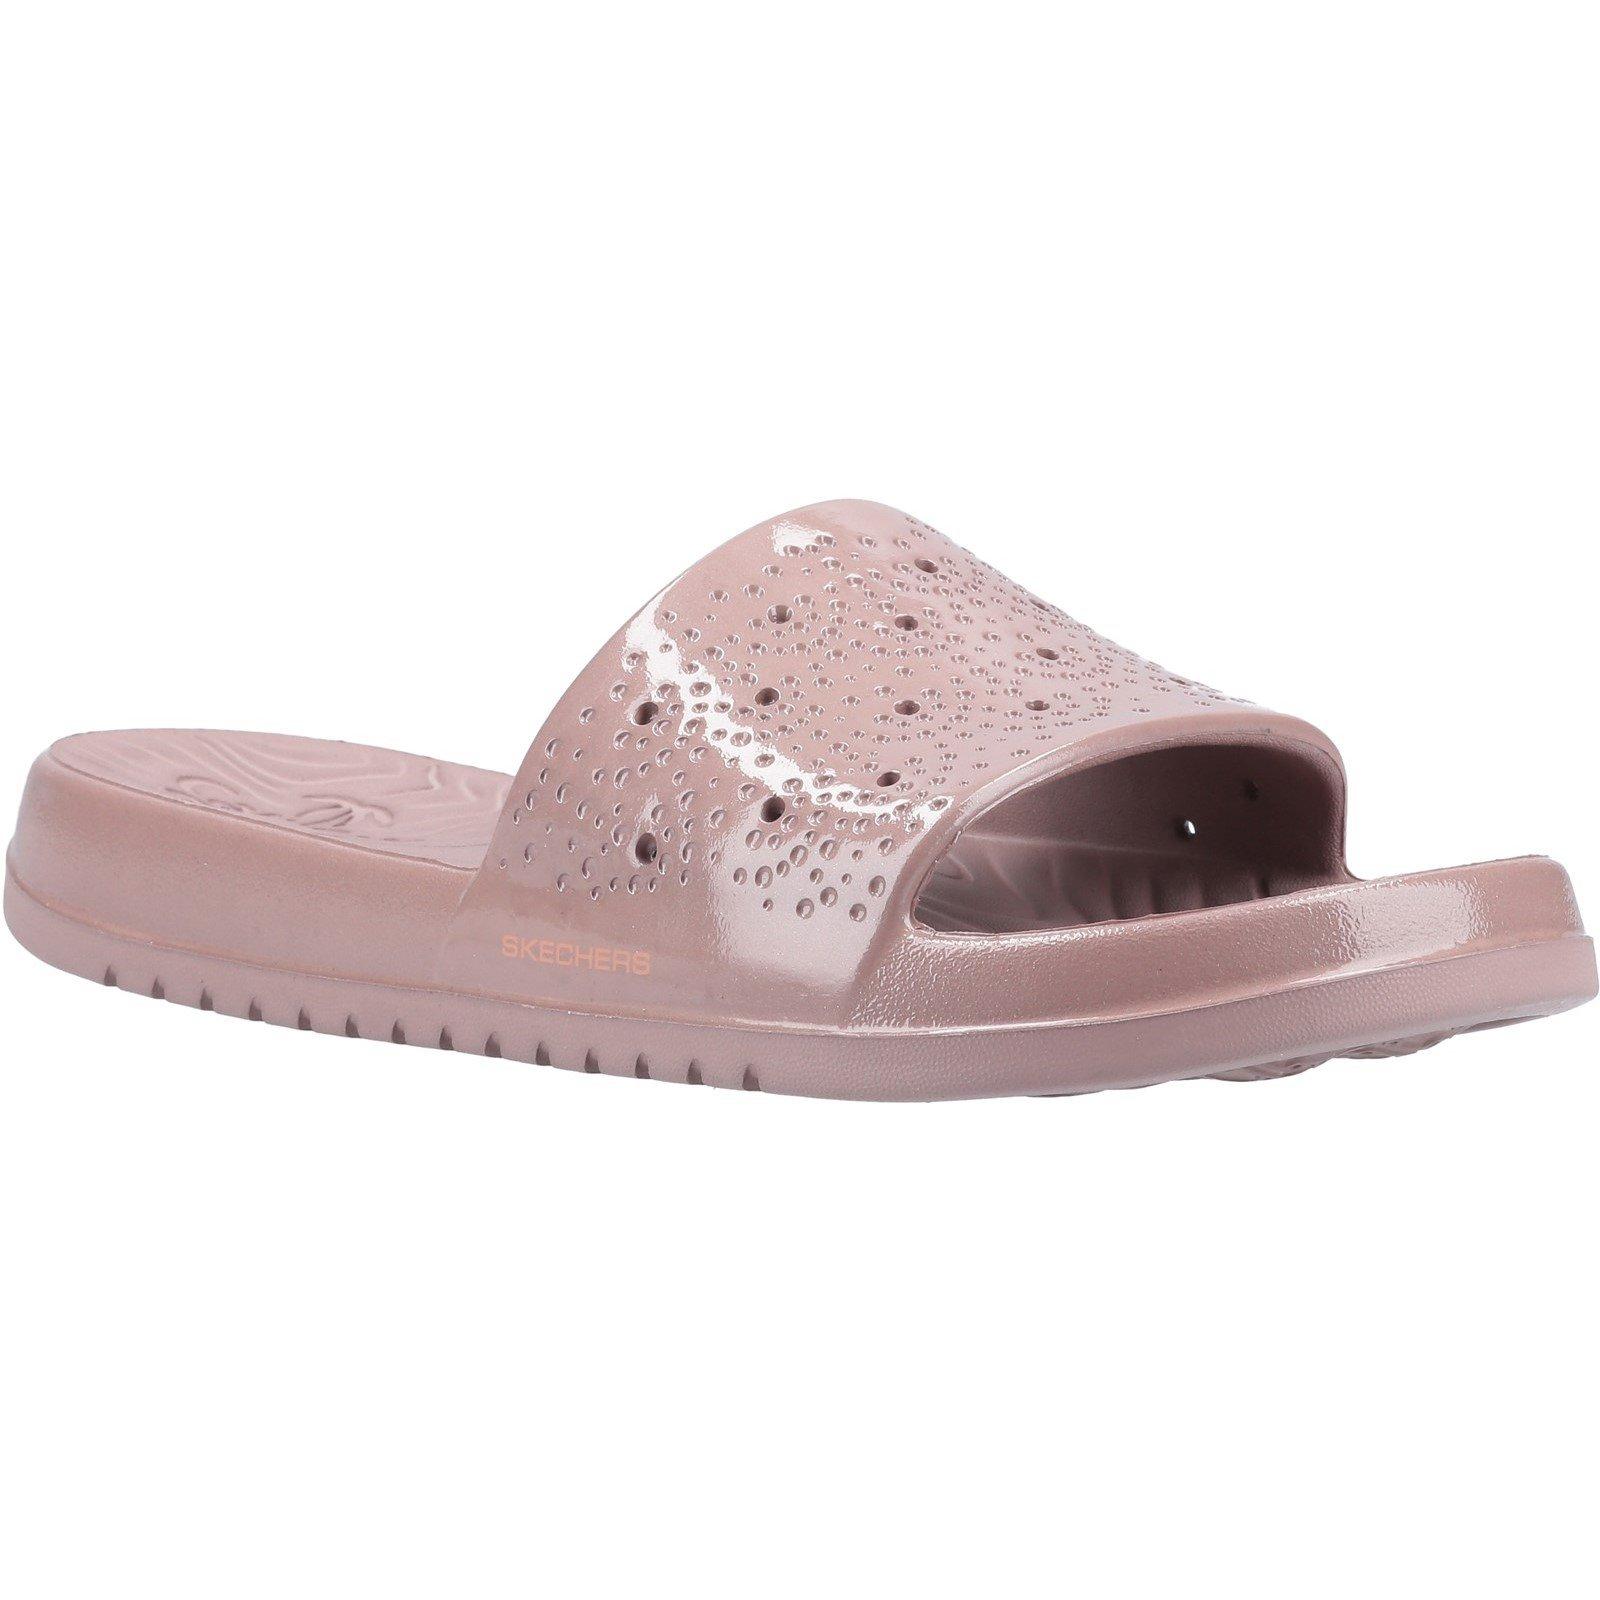 Skechers Women's Gleam Sizzling Slide Sandal Rose Gold 32373 - Rose Gold 6